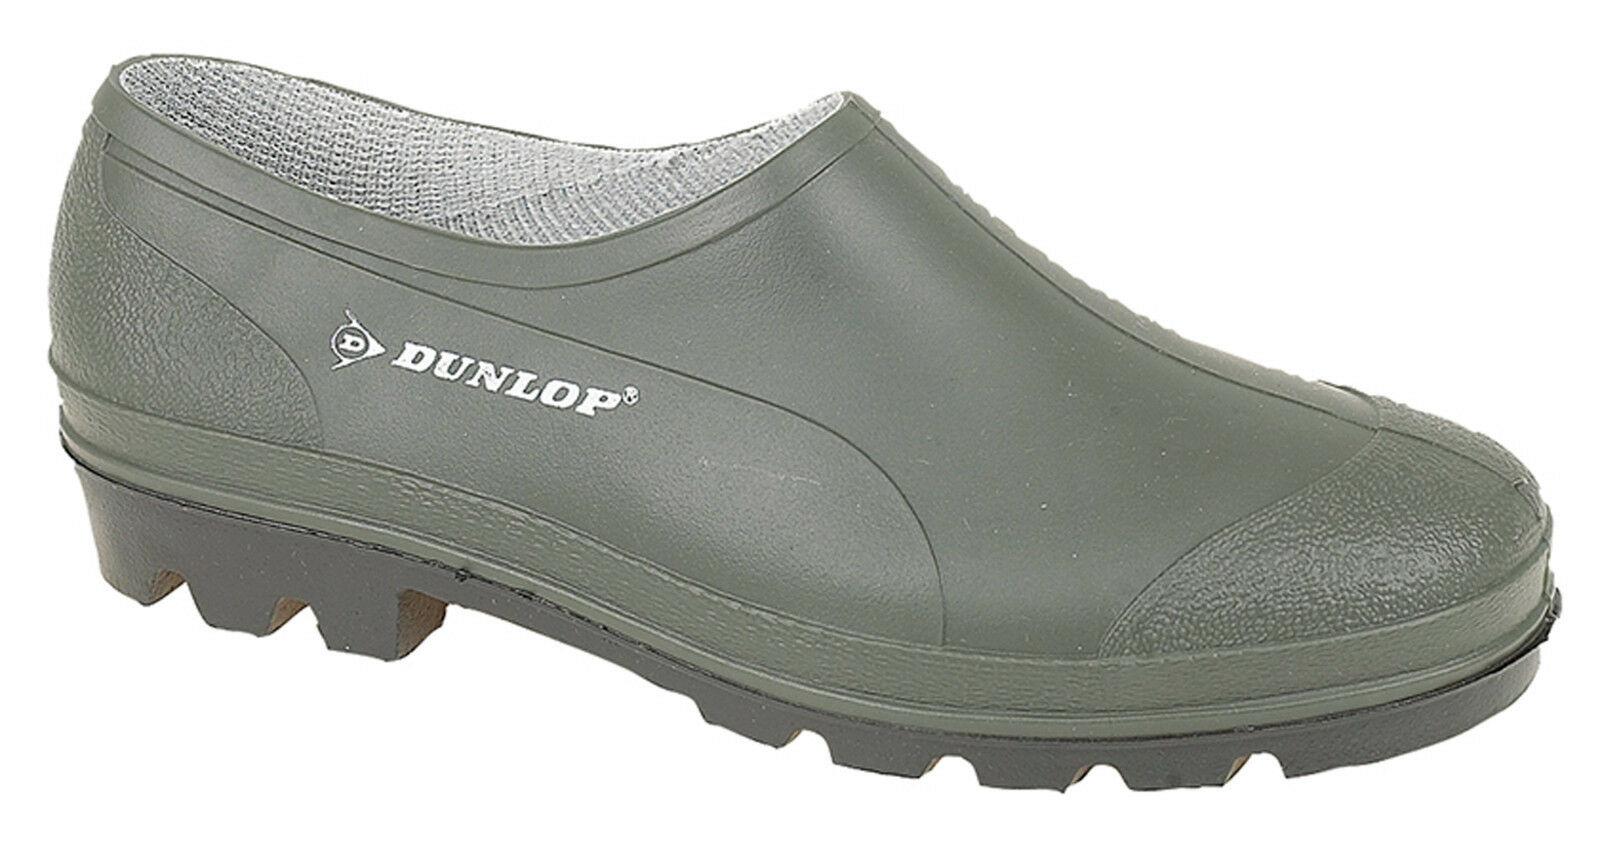 Détails Sur Dunlop Jardin Chaussures Unie Étanche Vert Jardinage Wellie  Sabots Tailles 3 intérieur Chaussure De Jardin